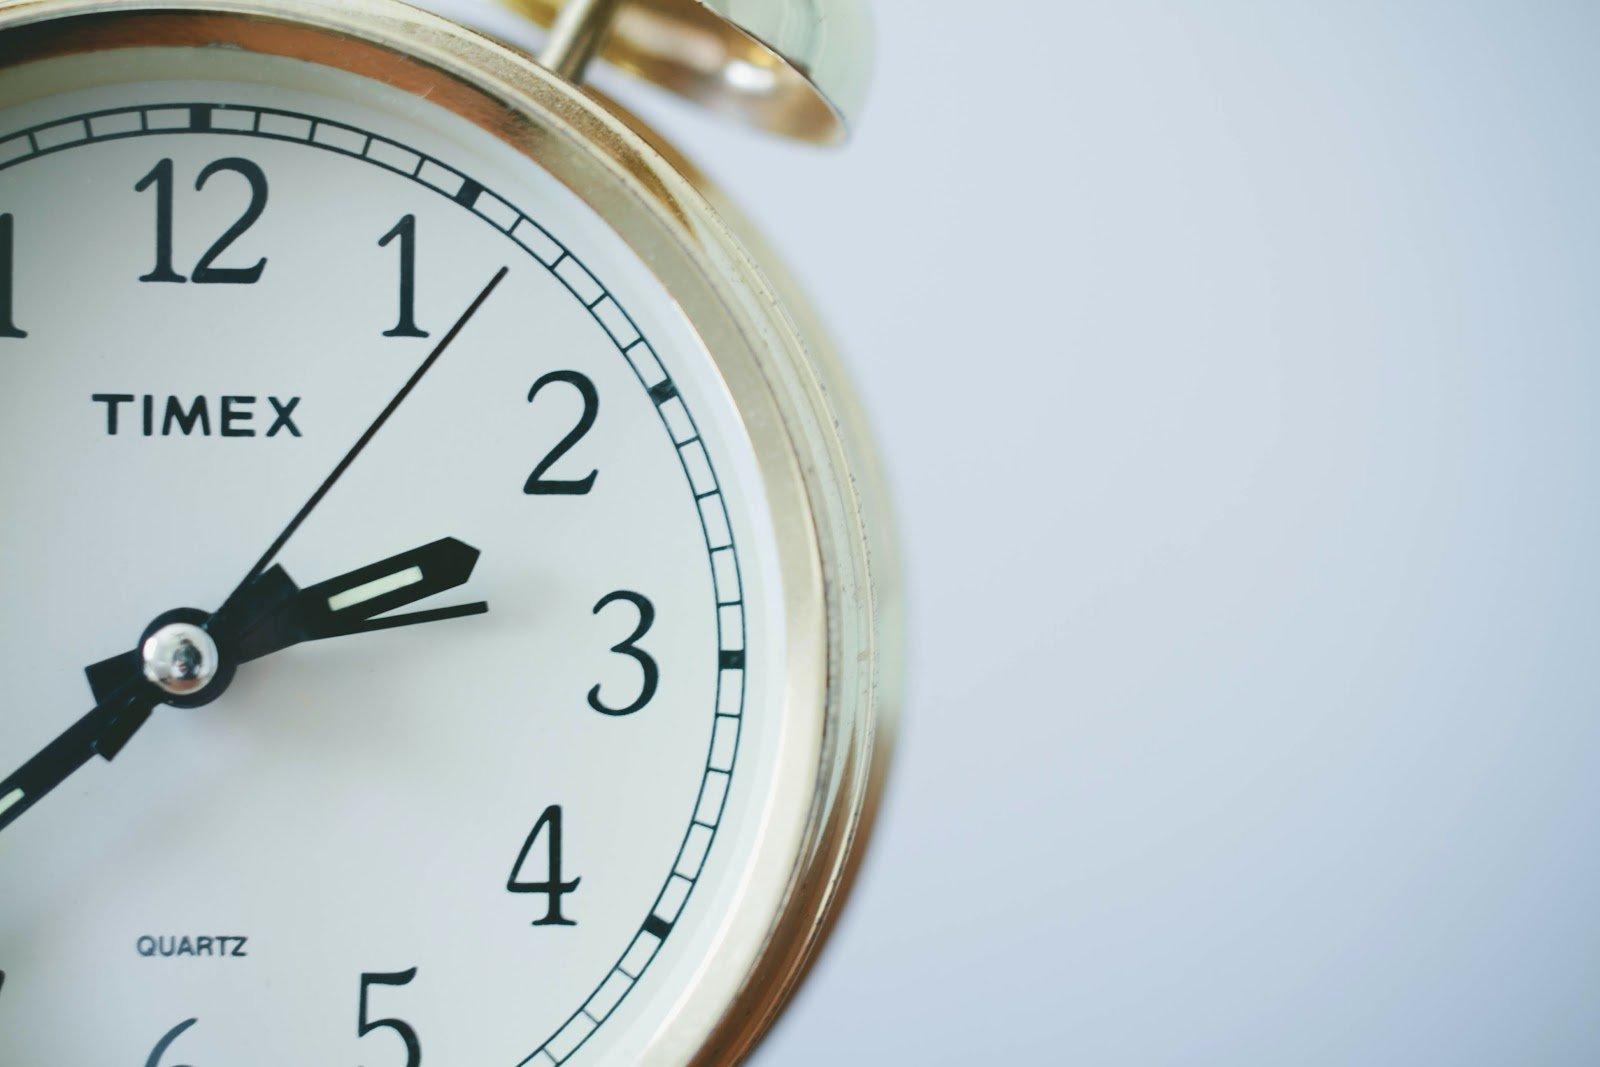 Timex timepiece